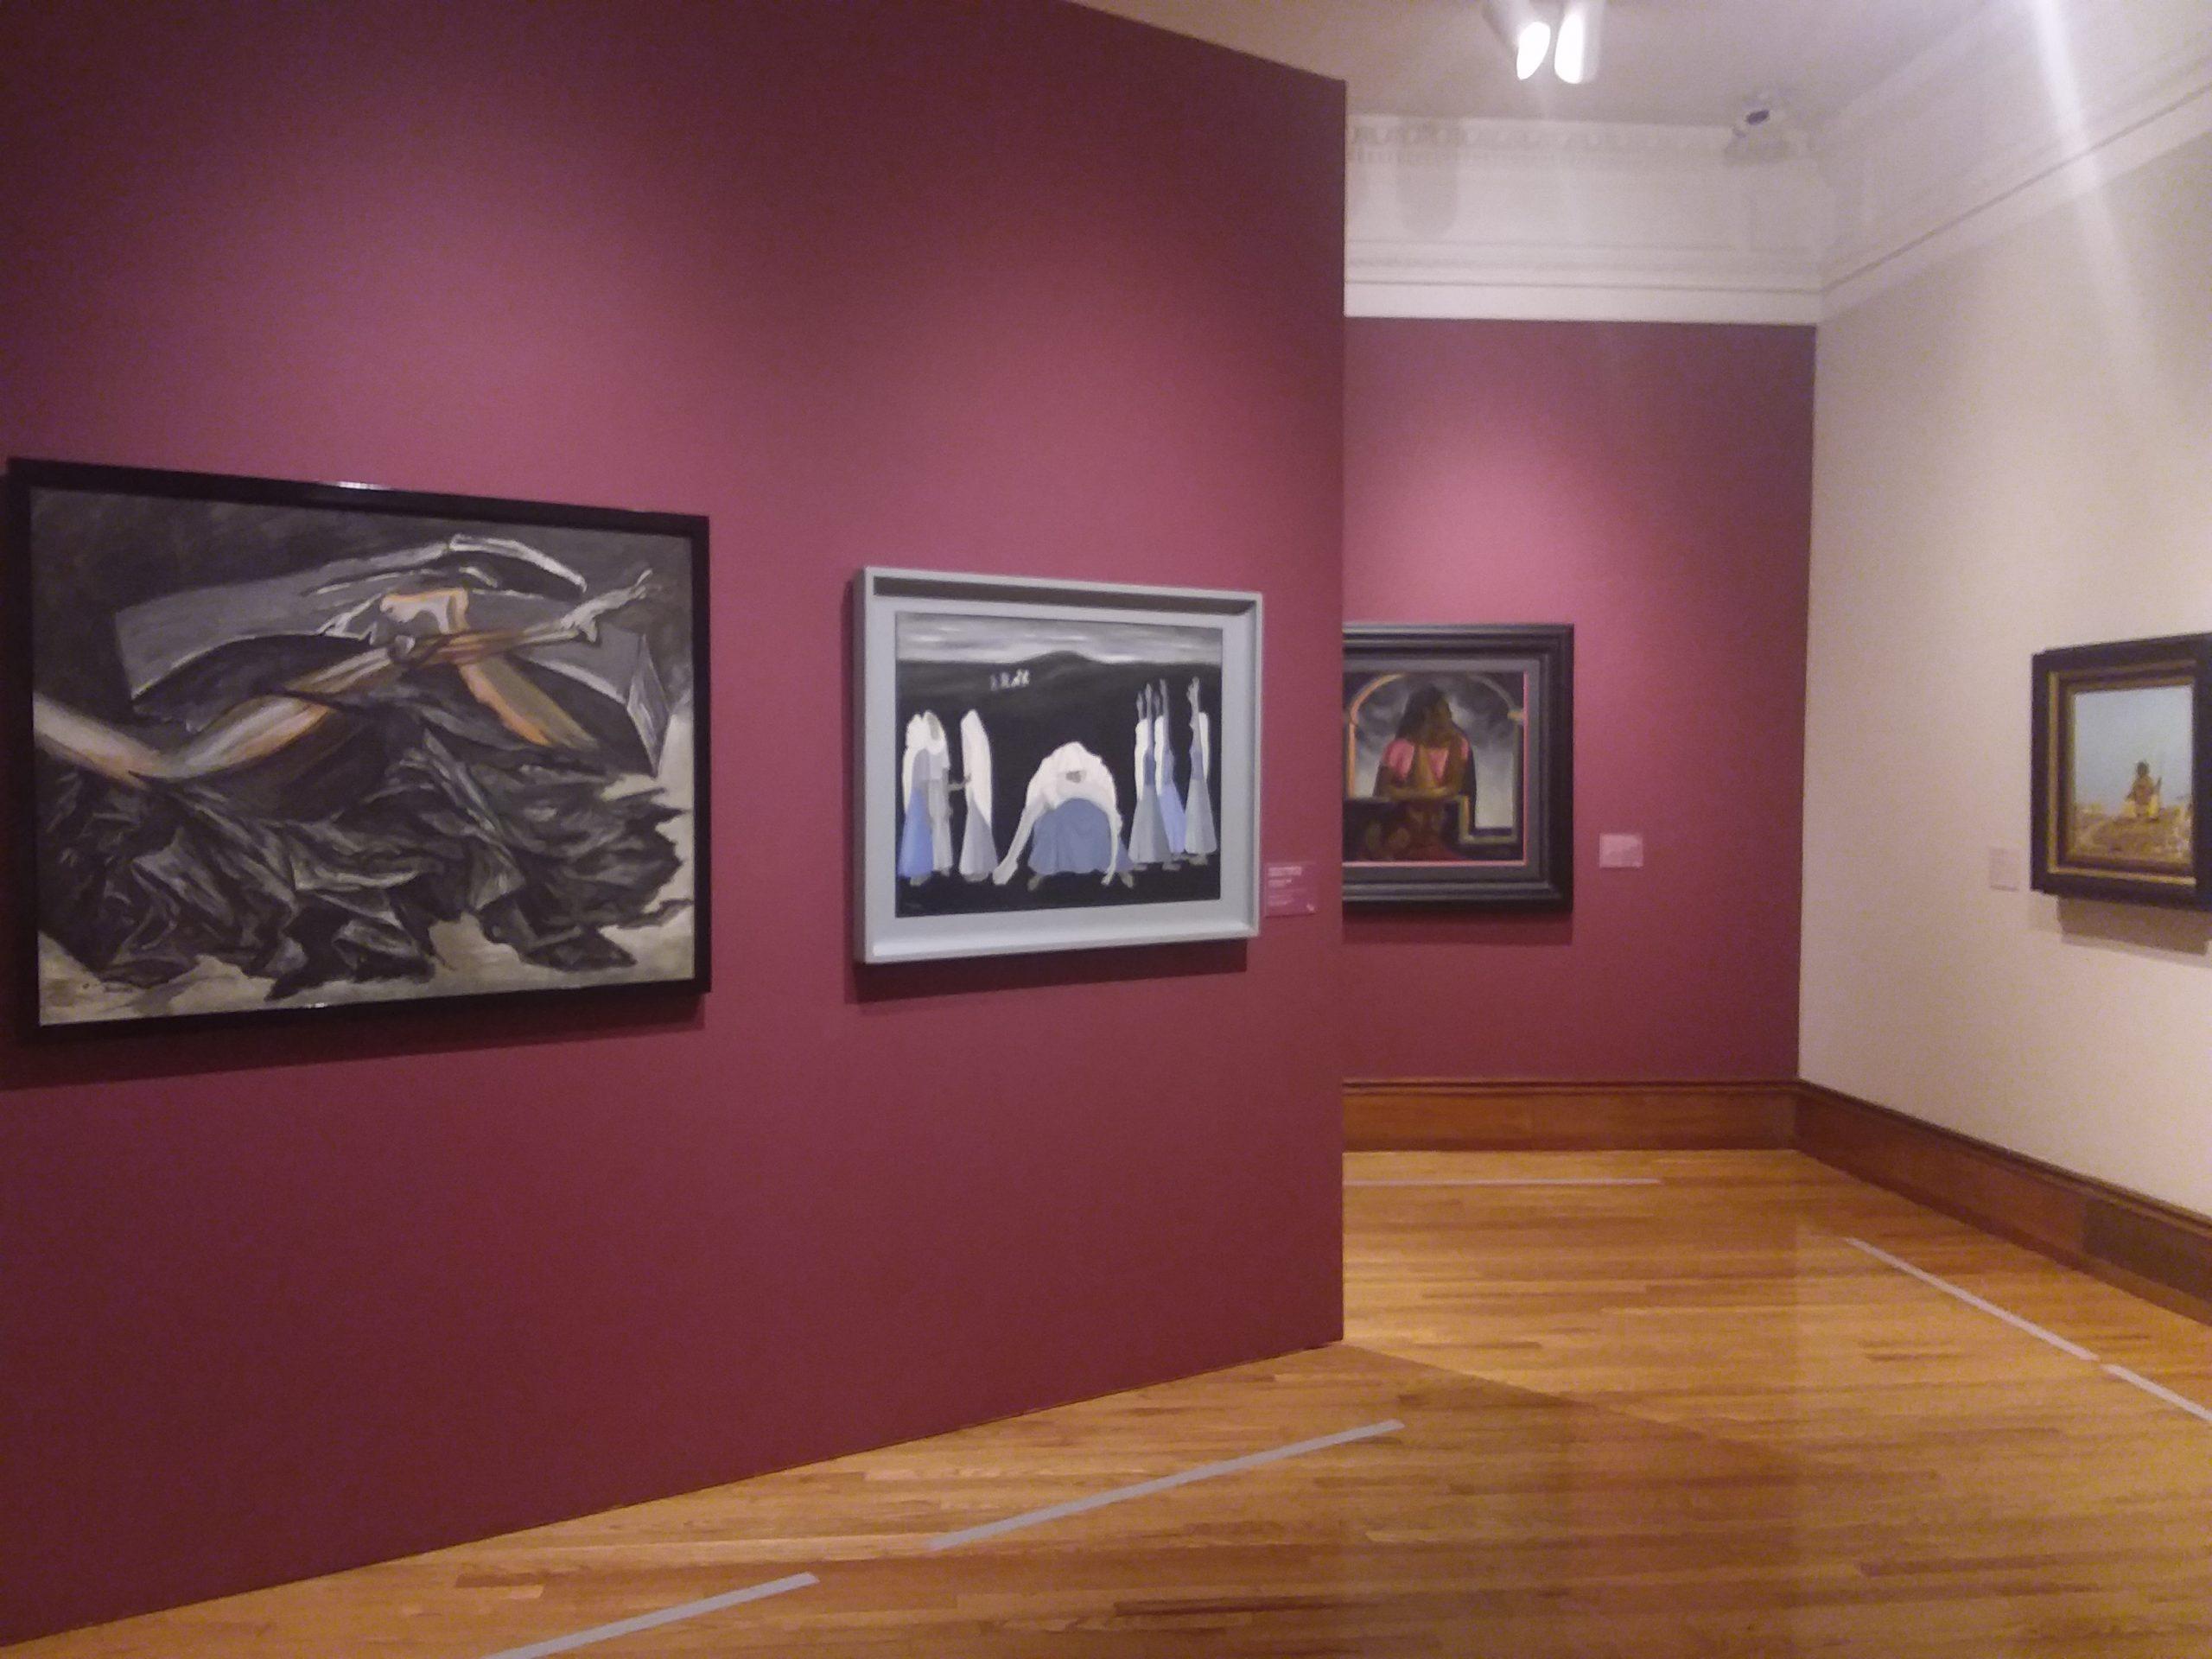 Musée national d'art